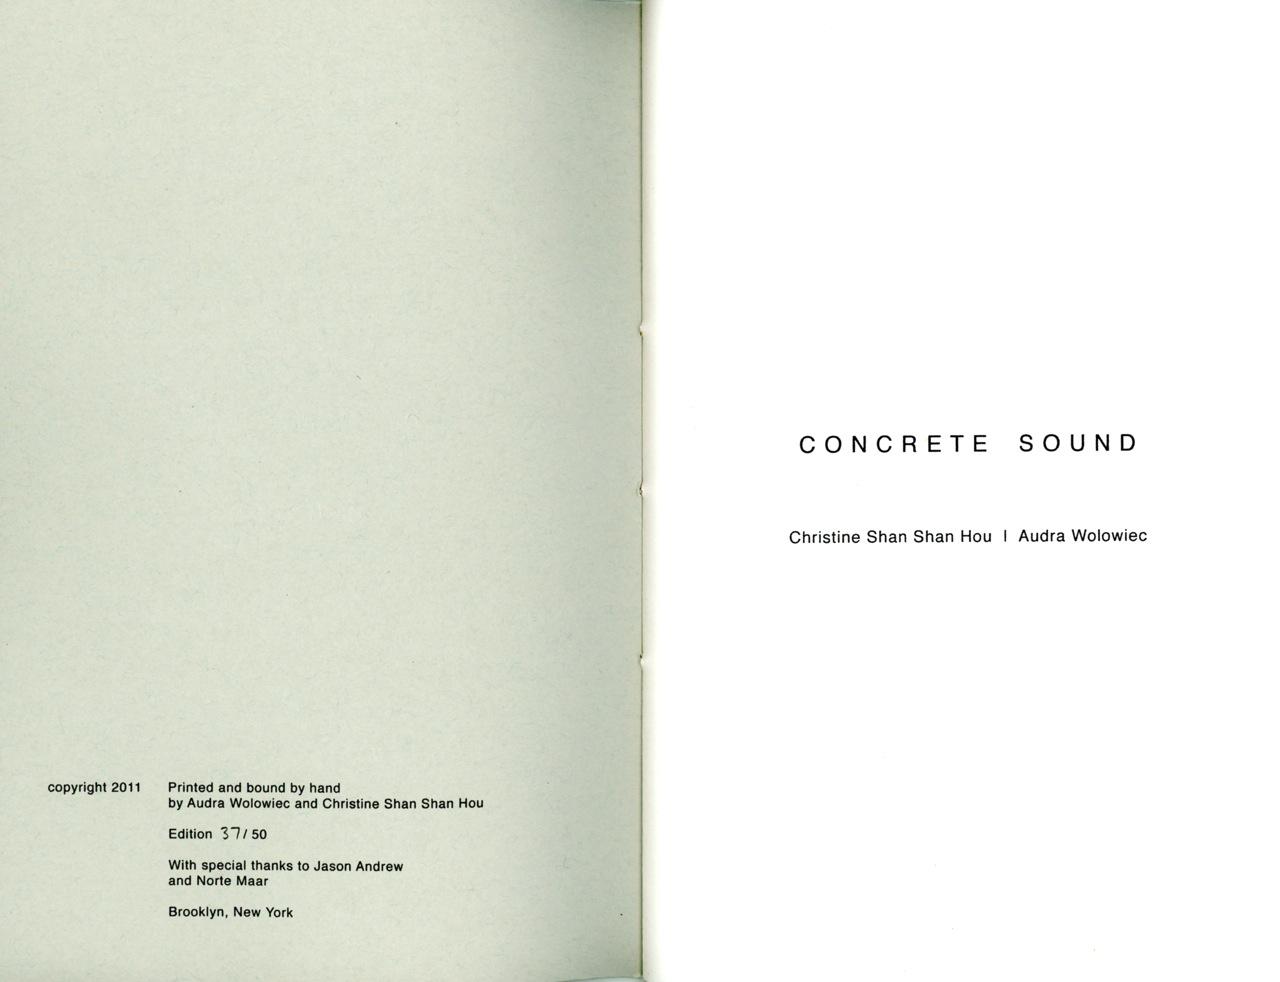 concrete_sound-Acknowledgements